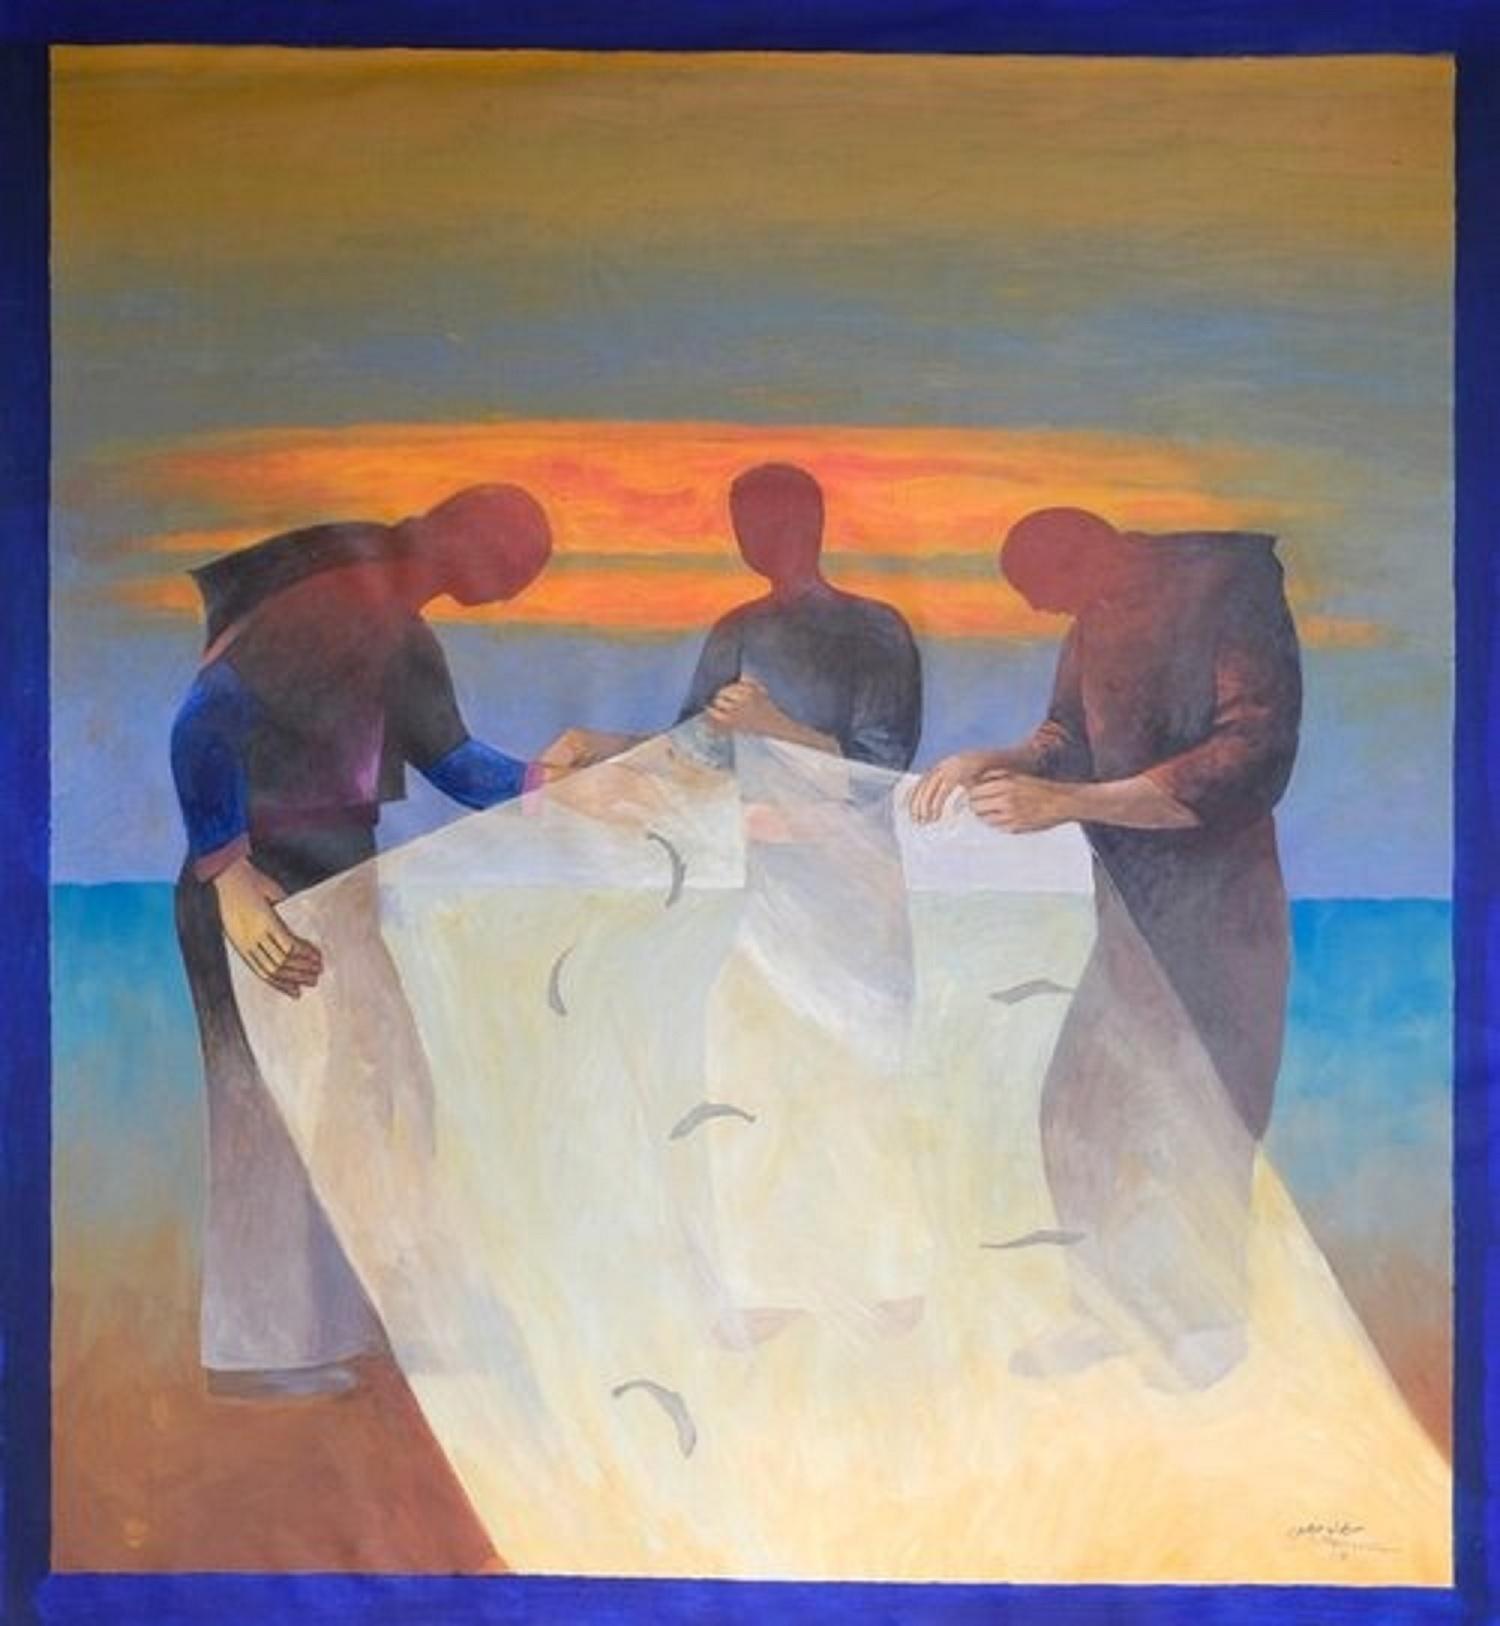 (عمل للفنان الفلسطيني سليمان منصور، من المعرض)